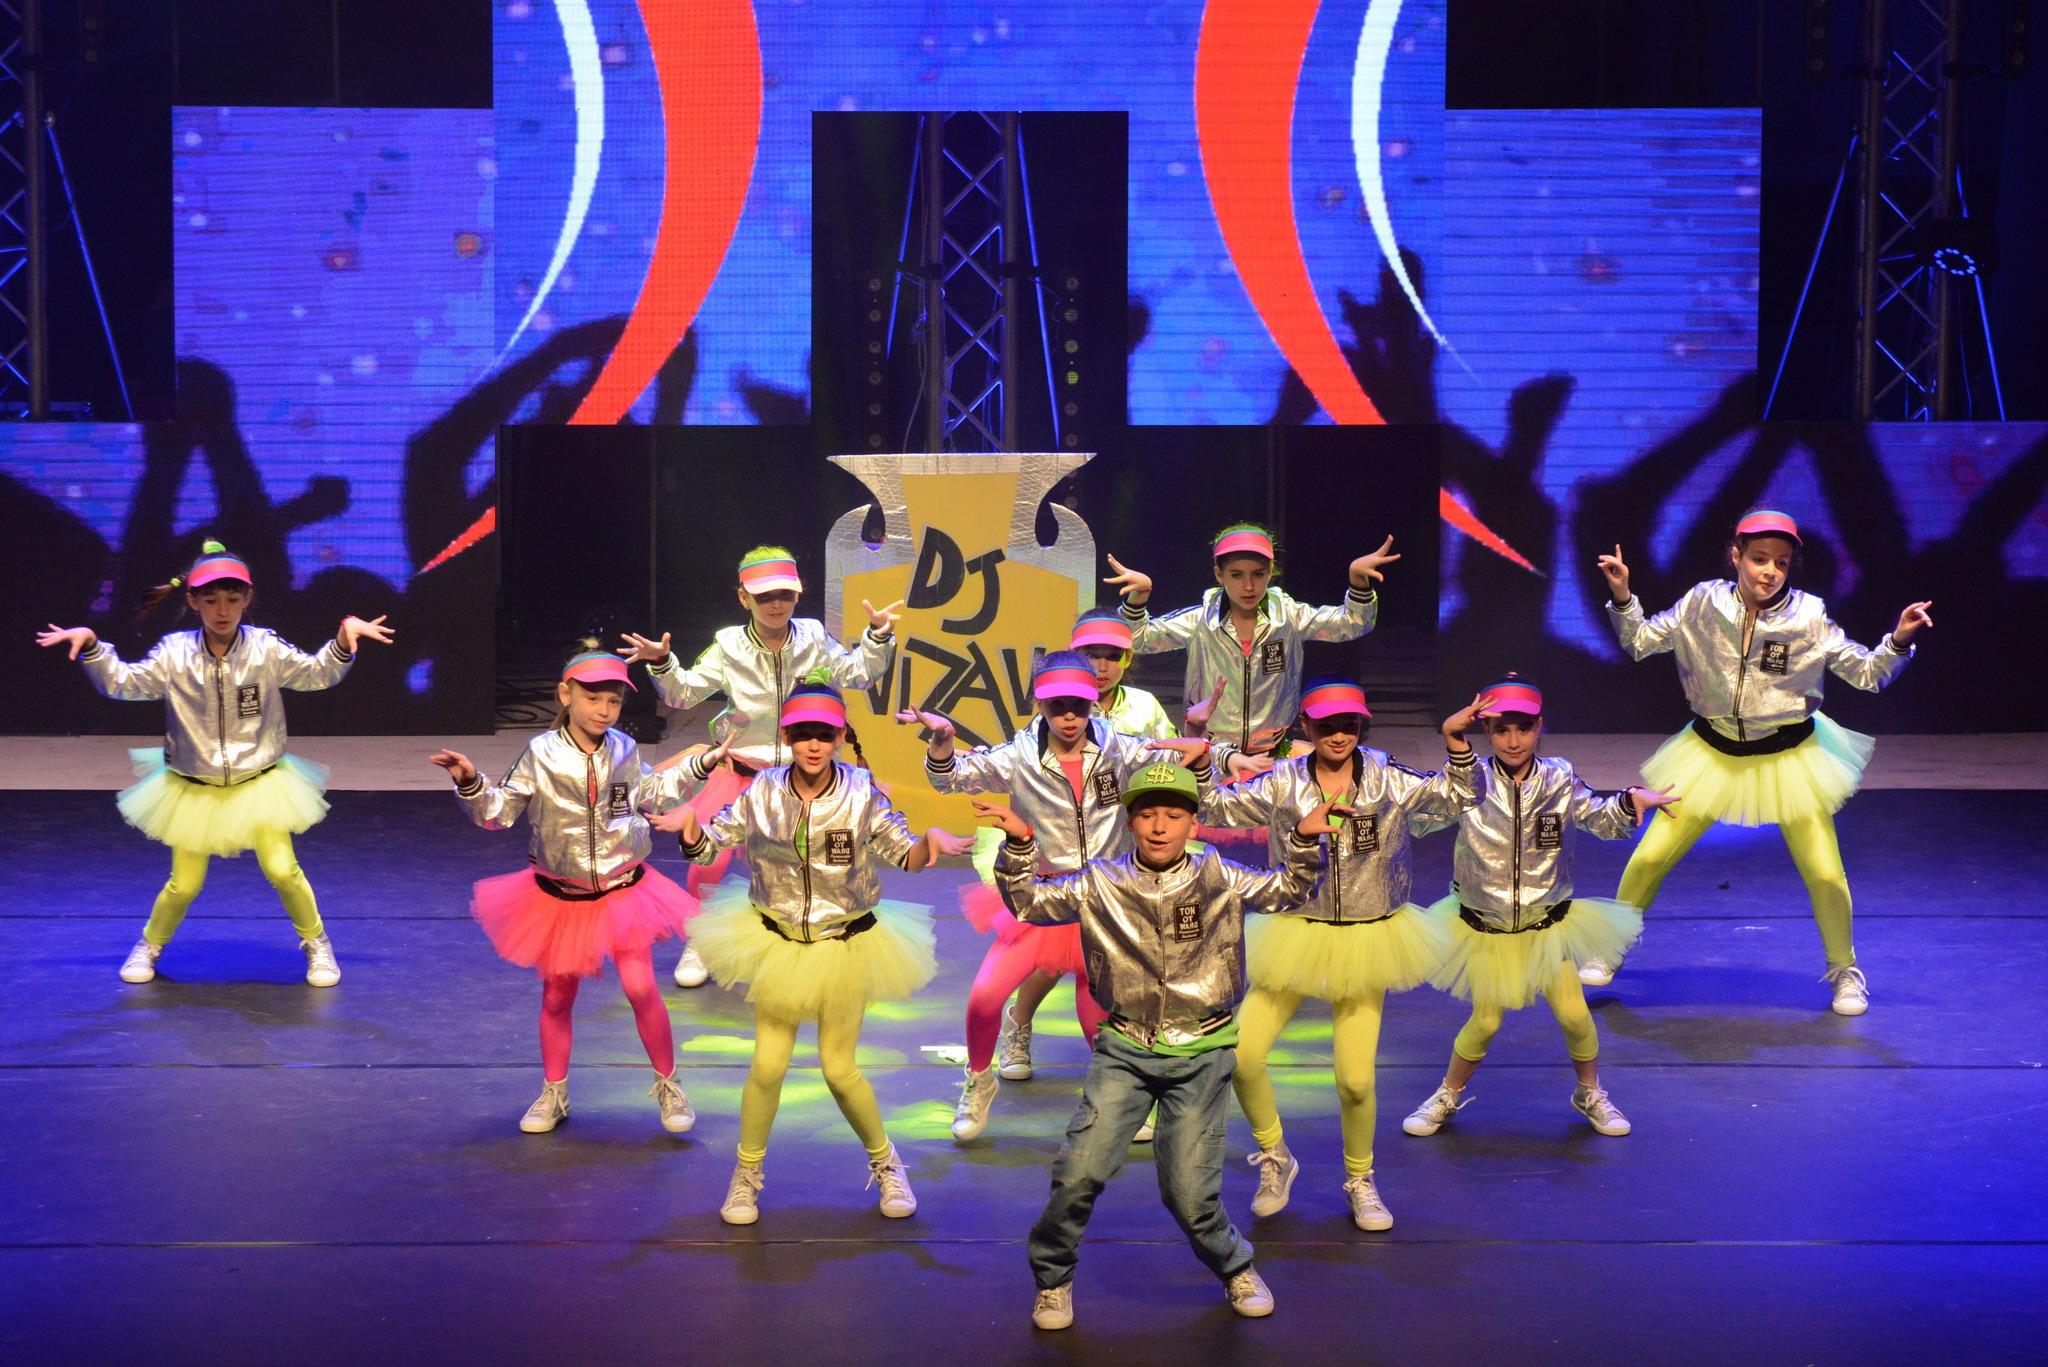 Школа танцев «Визави» поставила рекорд на международном фестивале «Улыбки Красного моря 2017»